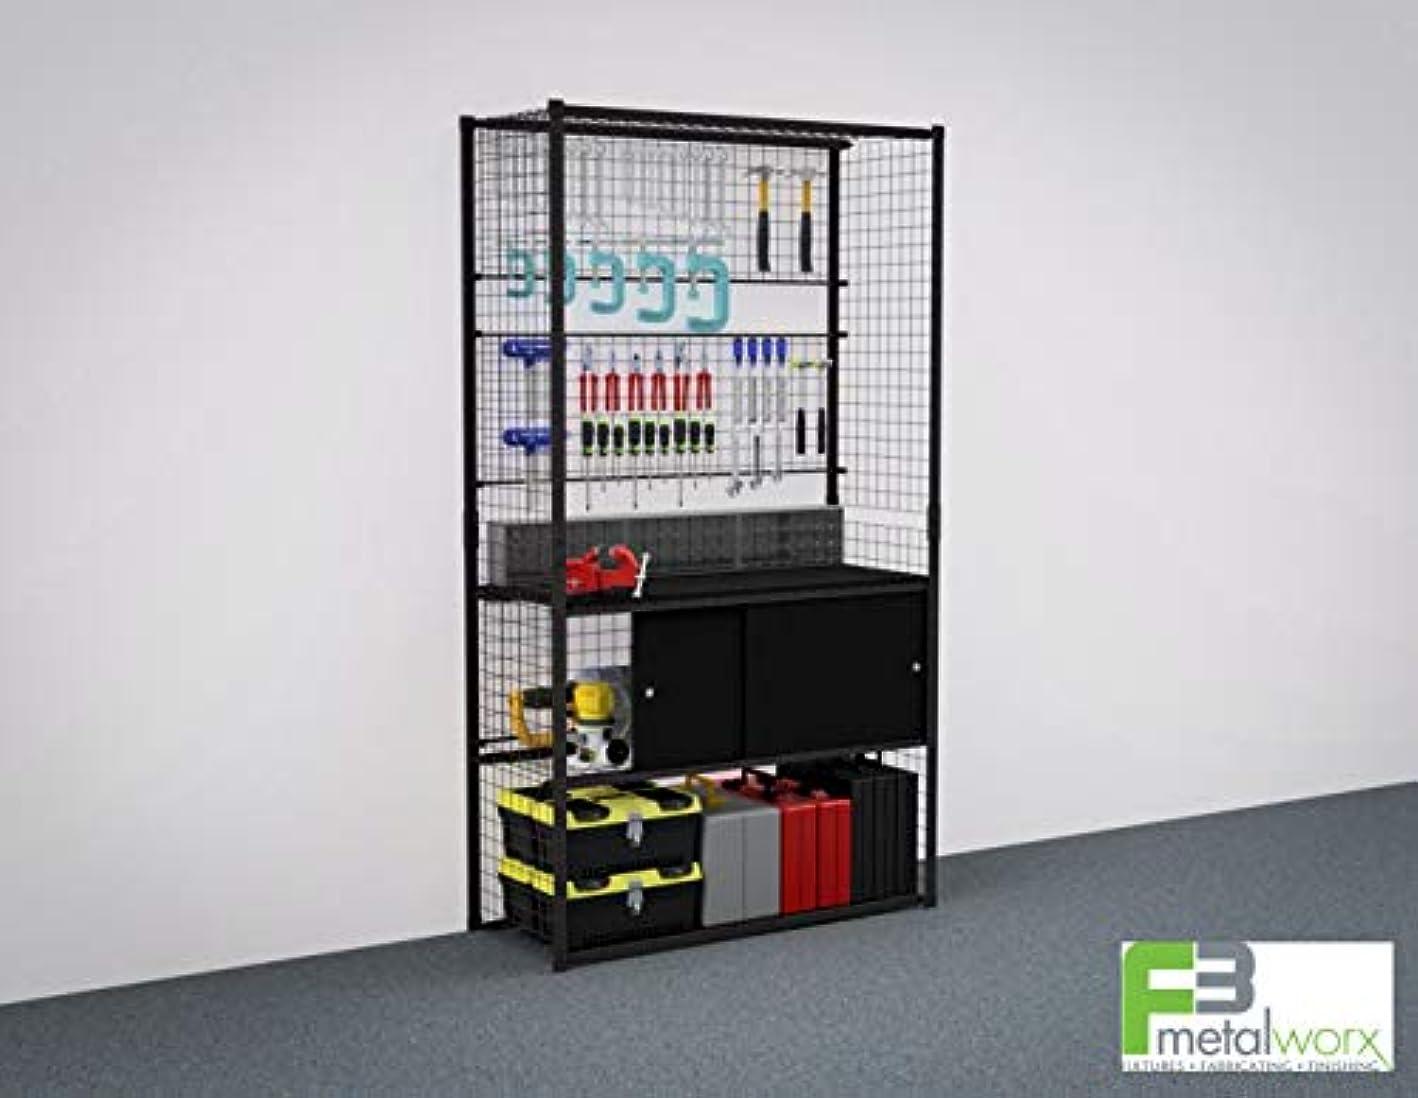 Flexworx Tooling Package, Garage Shelving, Home Organization, Tool Storage